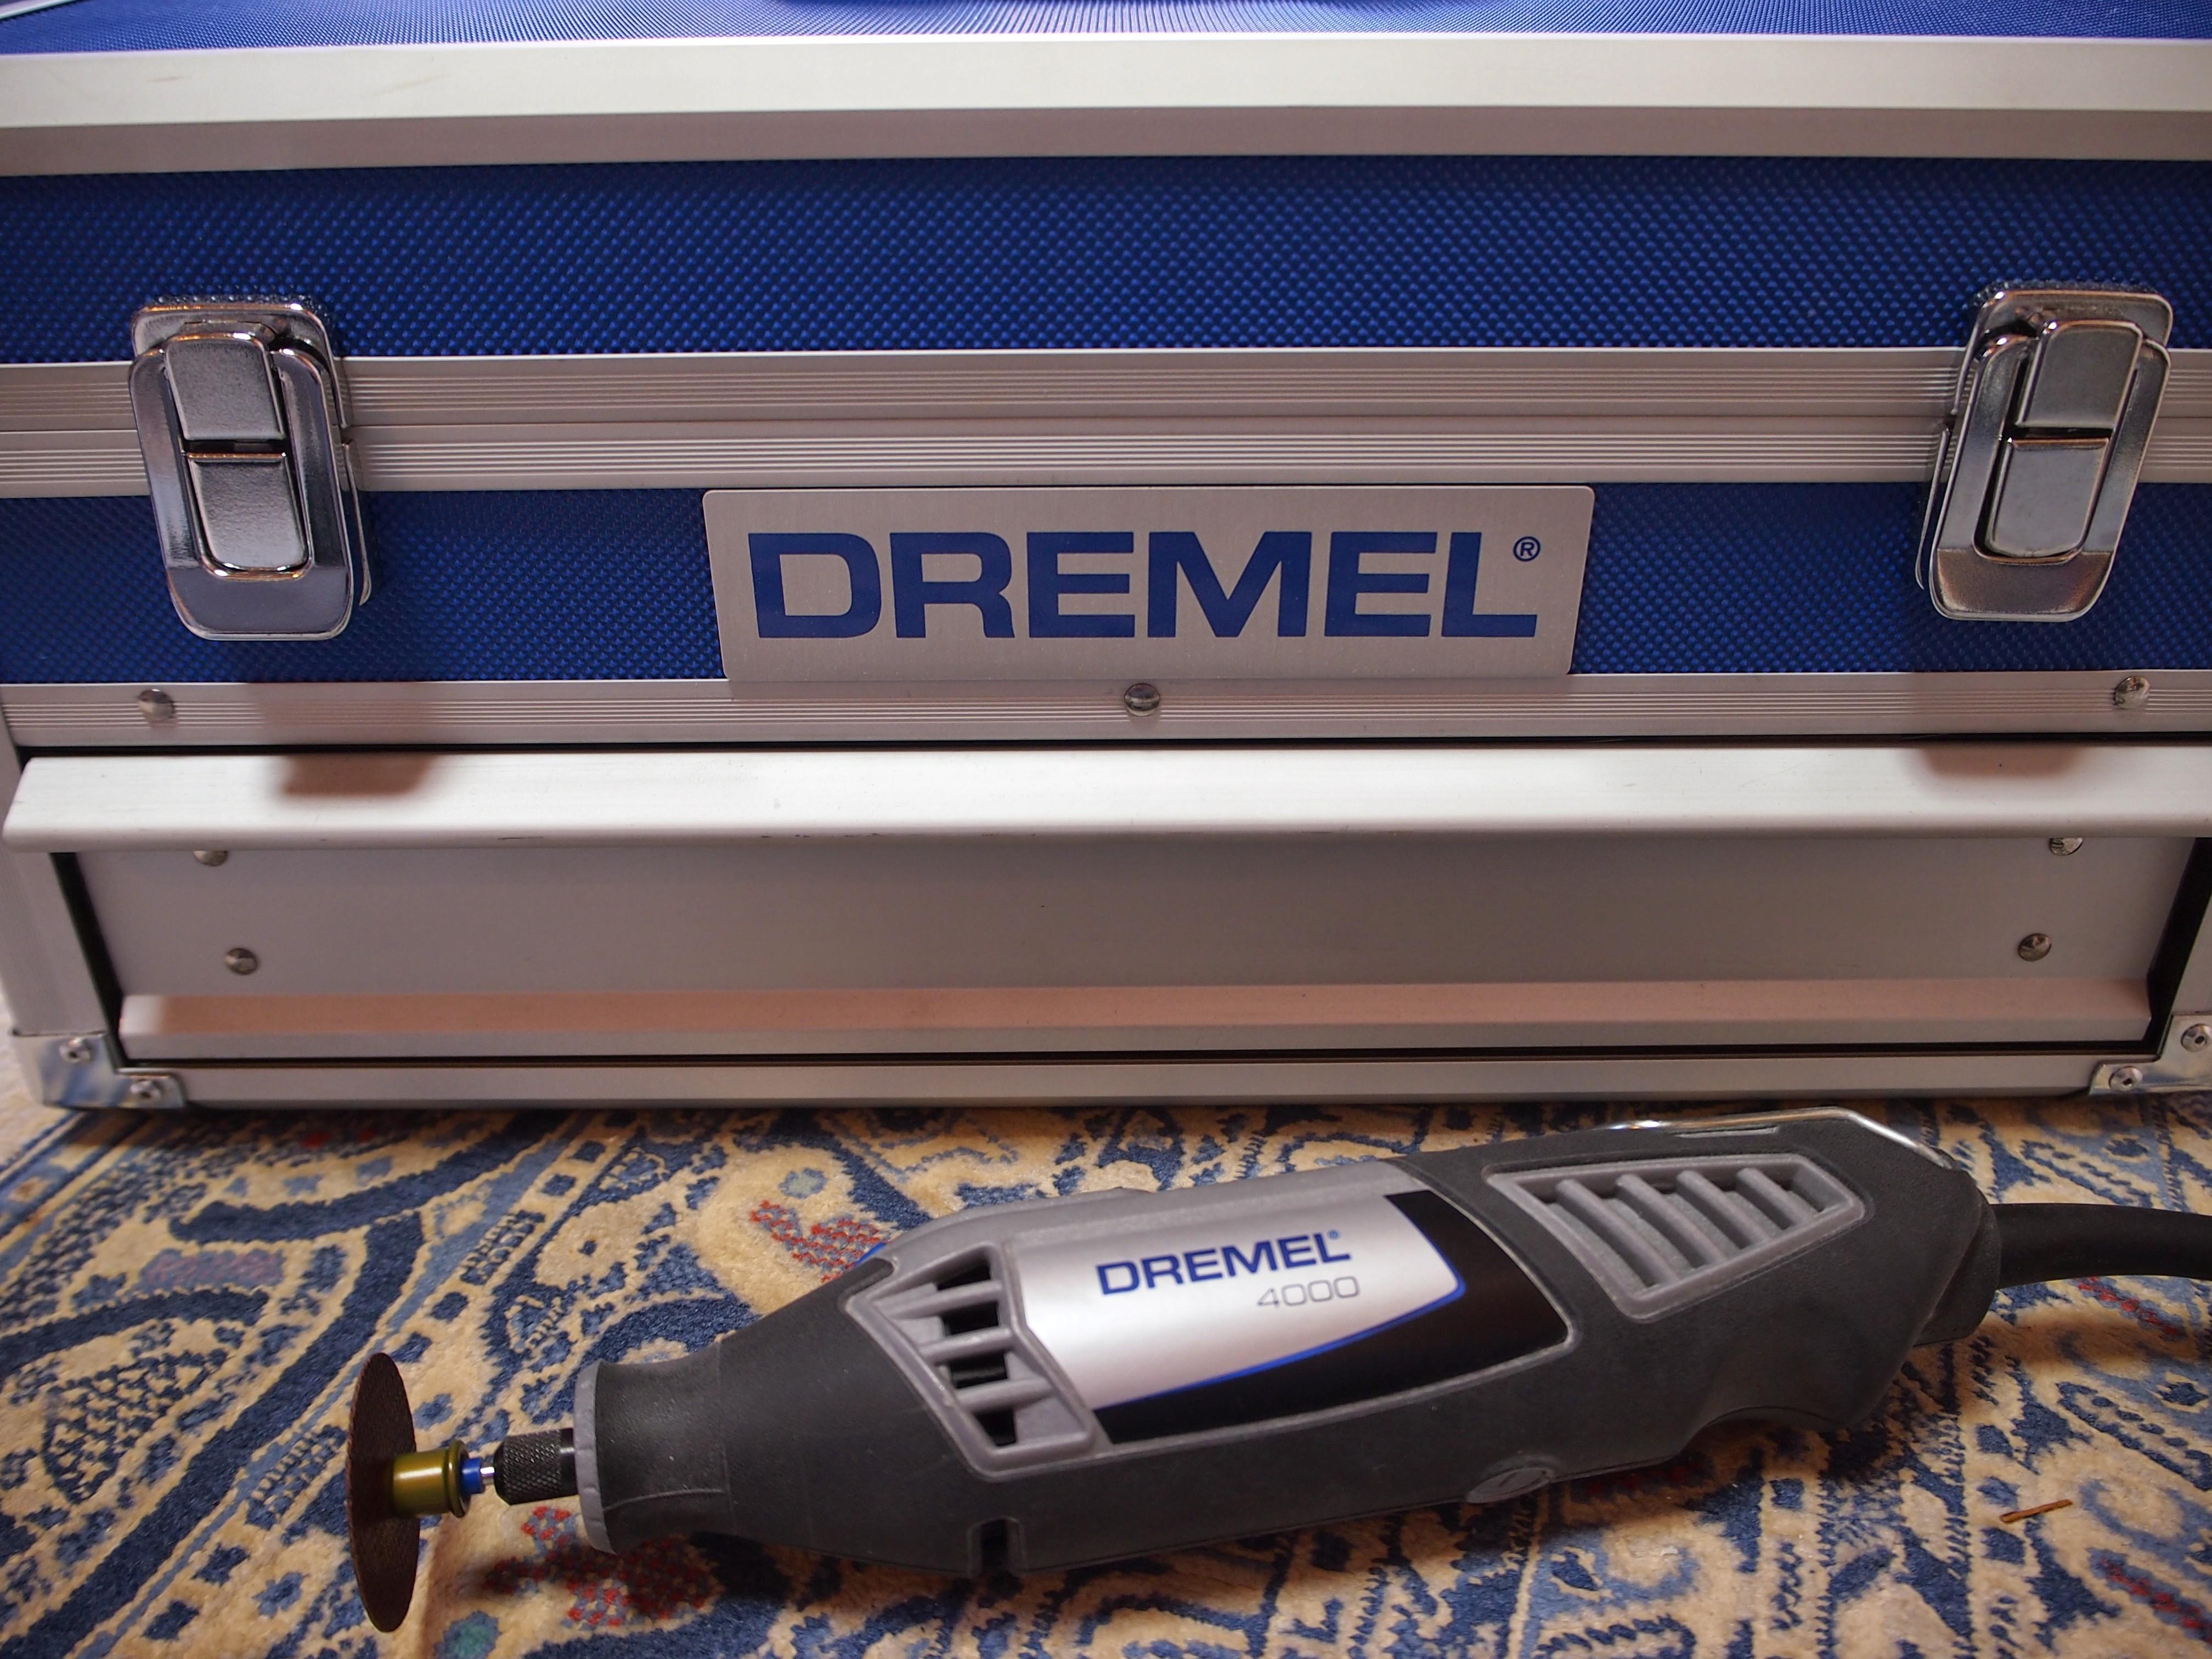 ドレメル(DREMEL)ハイスピードロータリーツール(DIY)